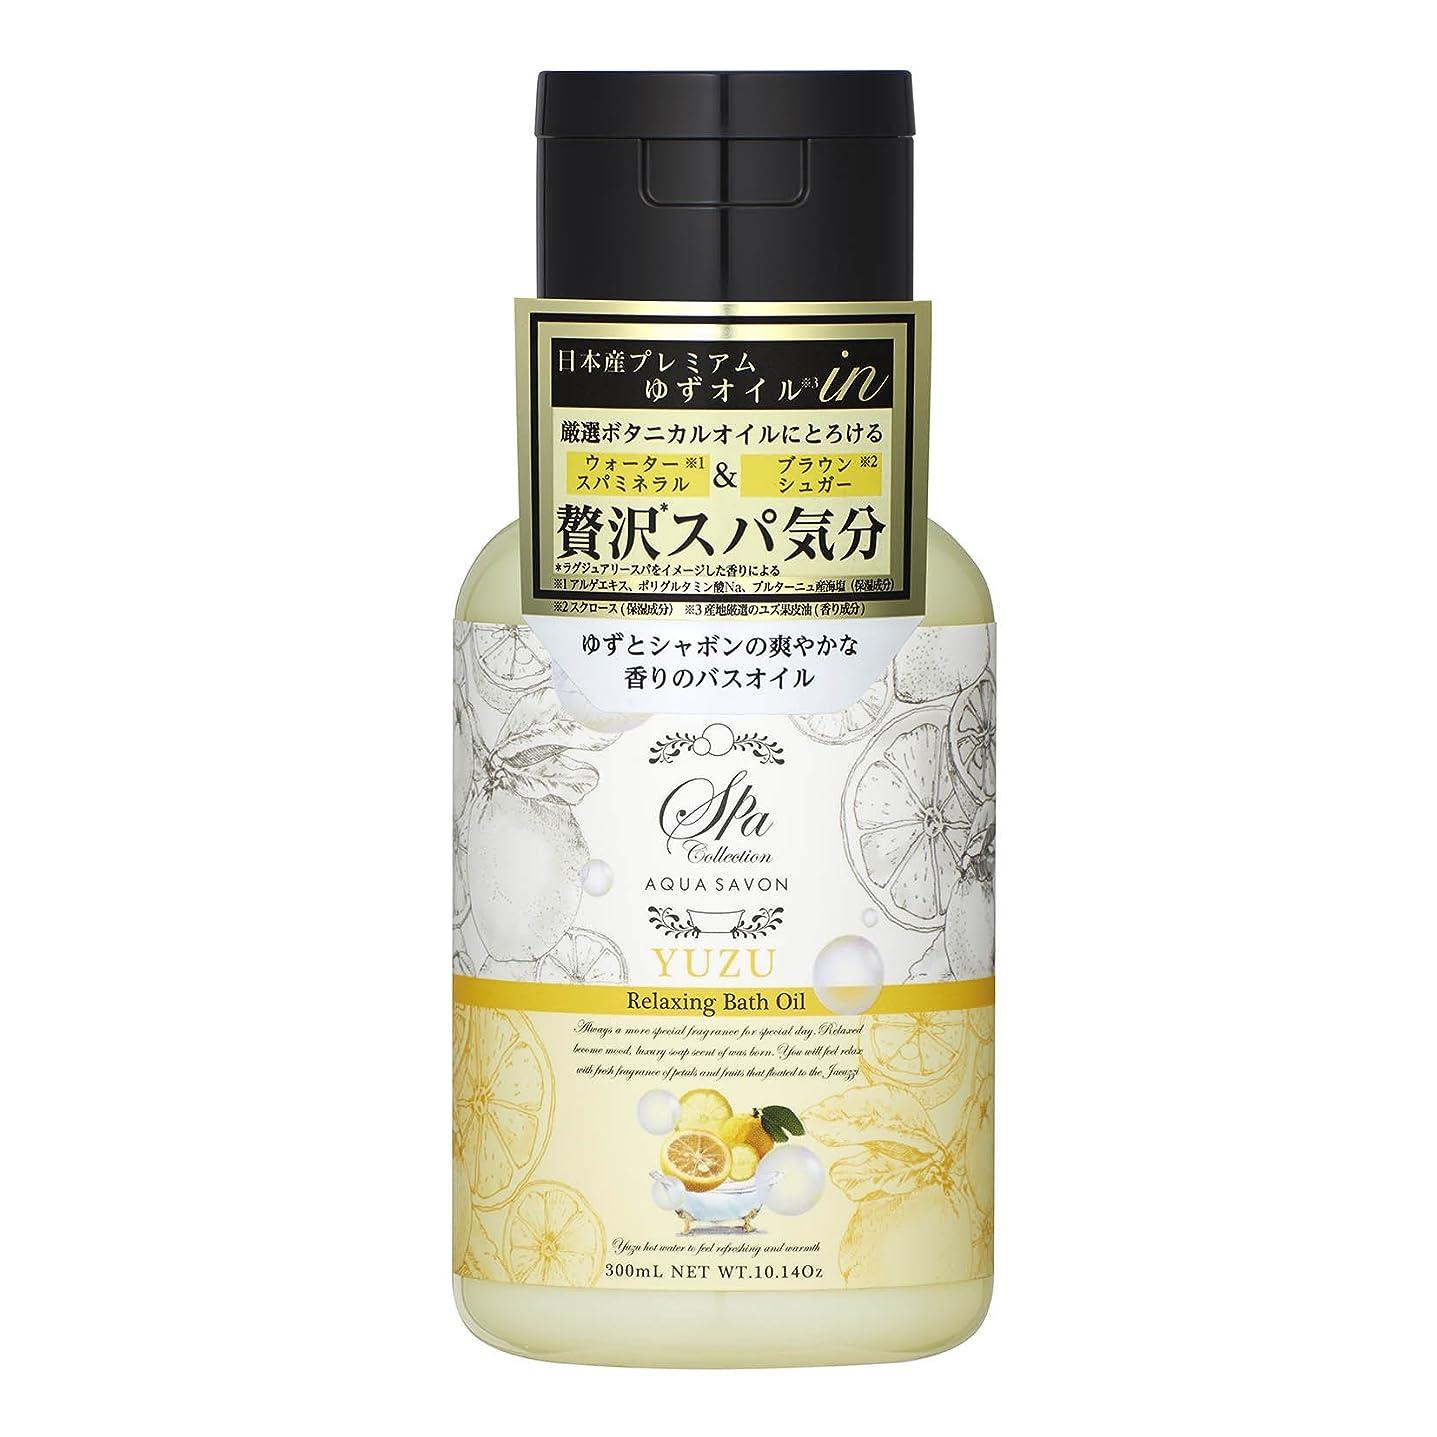 接触巧みなキャプションアクアシャボン スパコレクション リラクシングバスオイル ゆずスパの香り 300mL